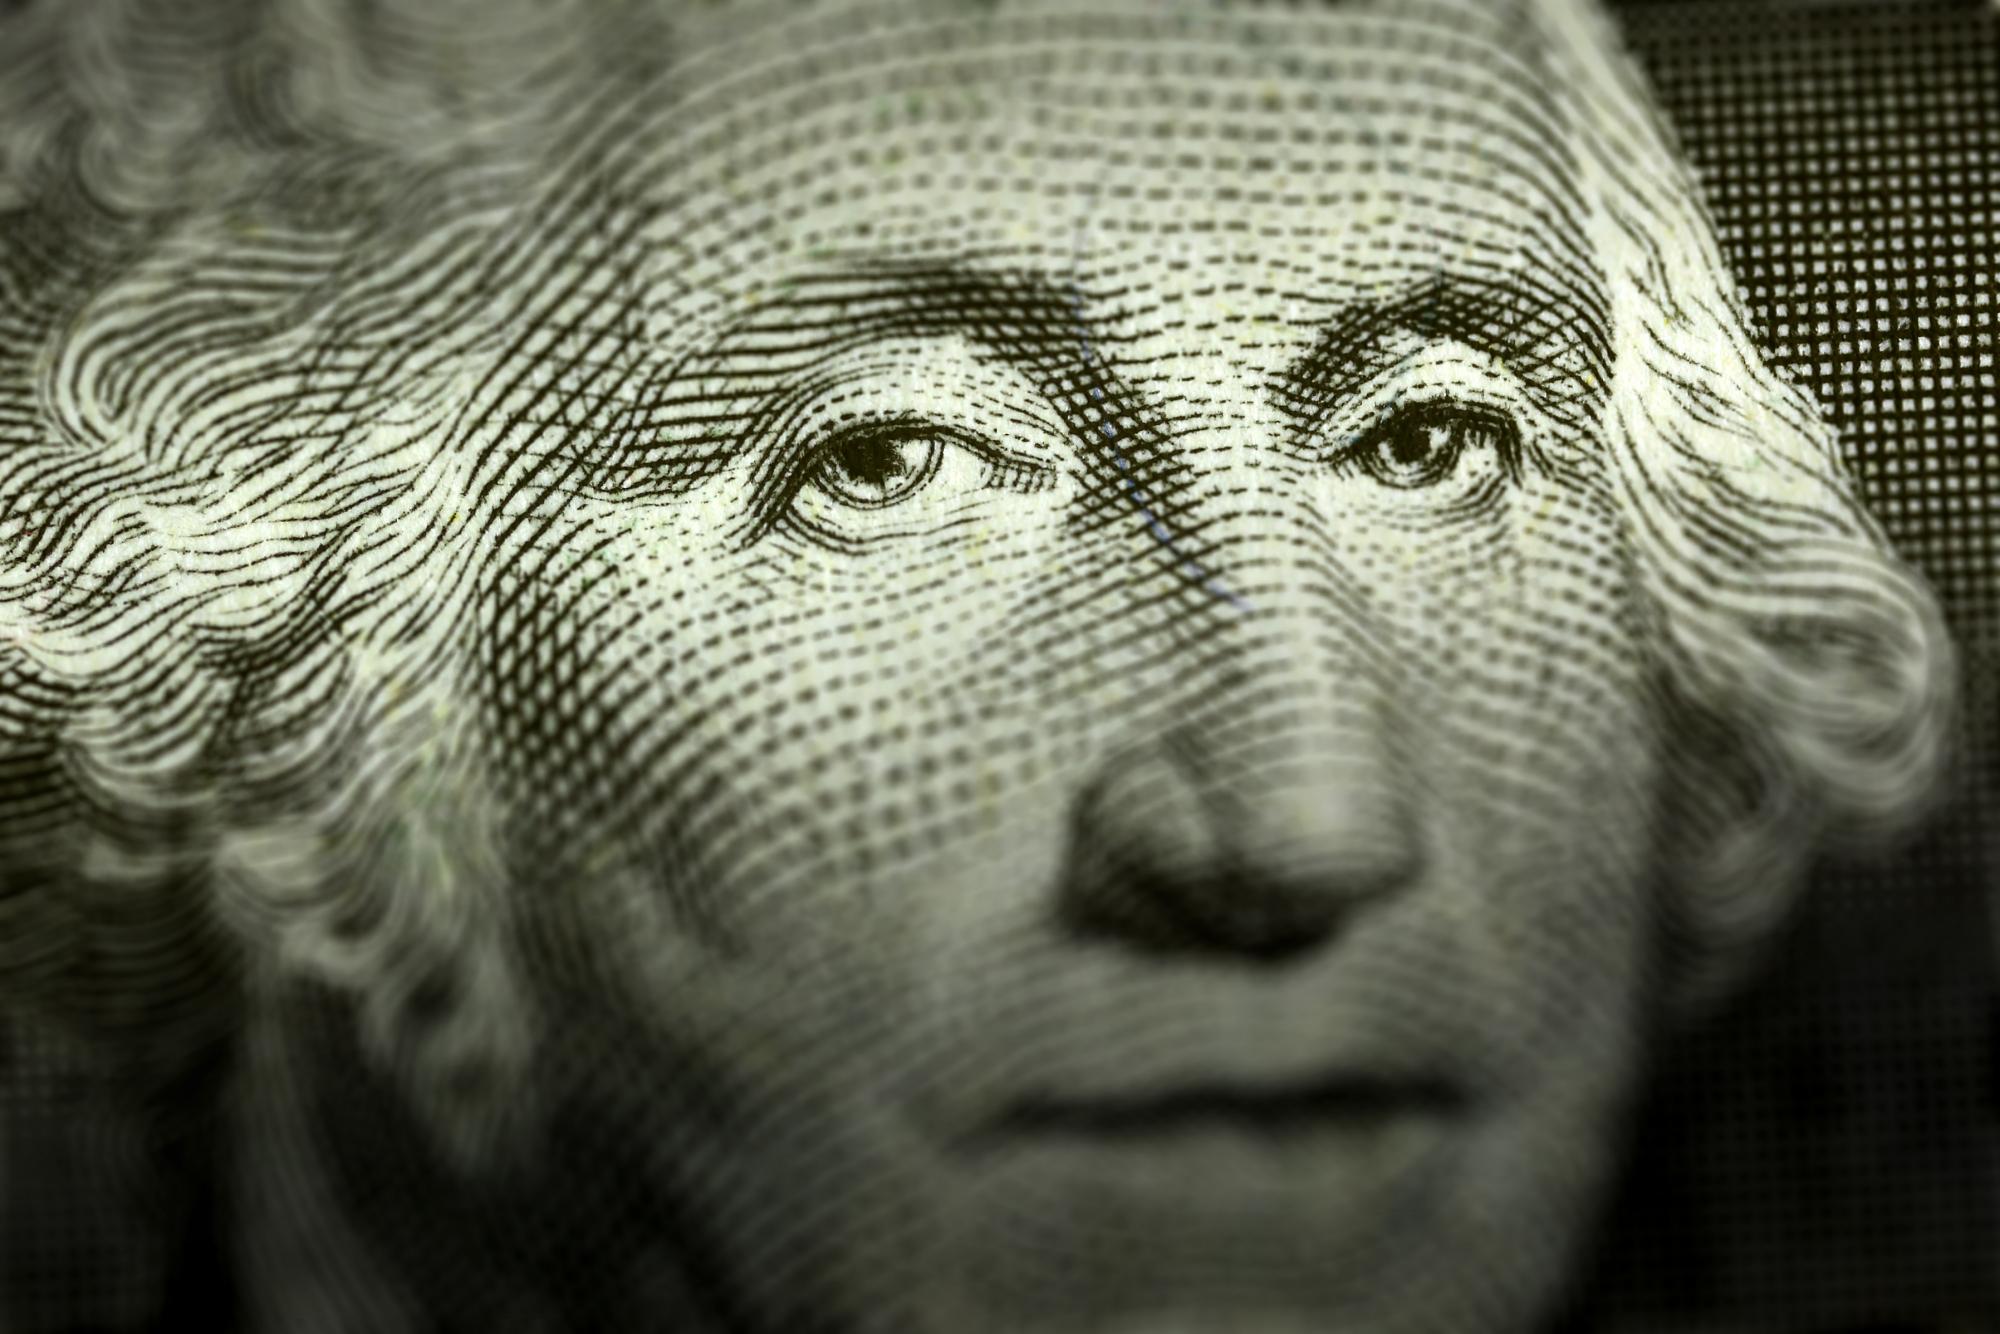 美国财政部:中国连续四个月大幅抛售美债,美媒:存在清零美债可能